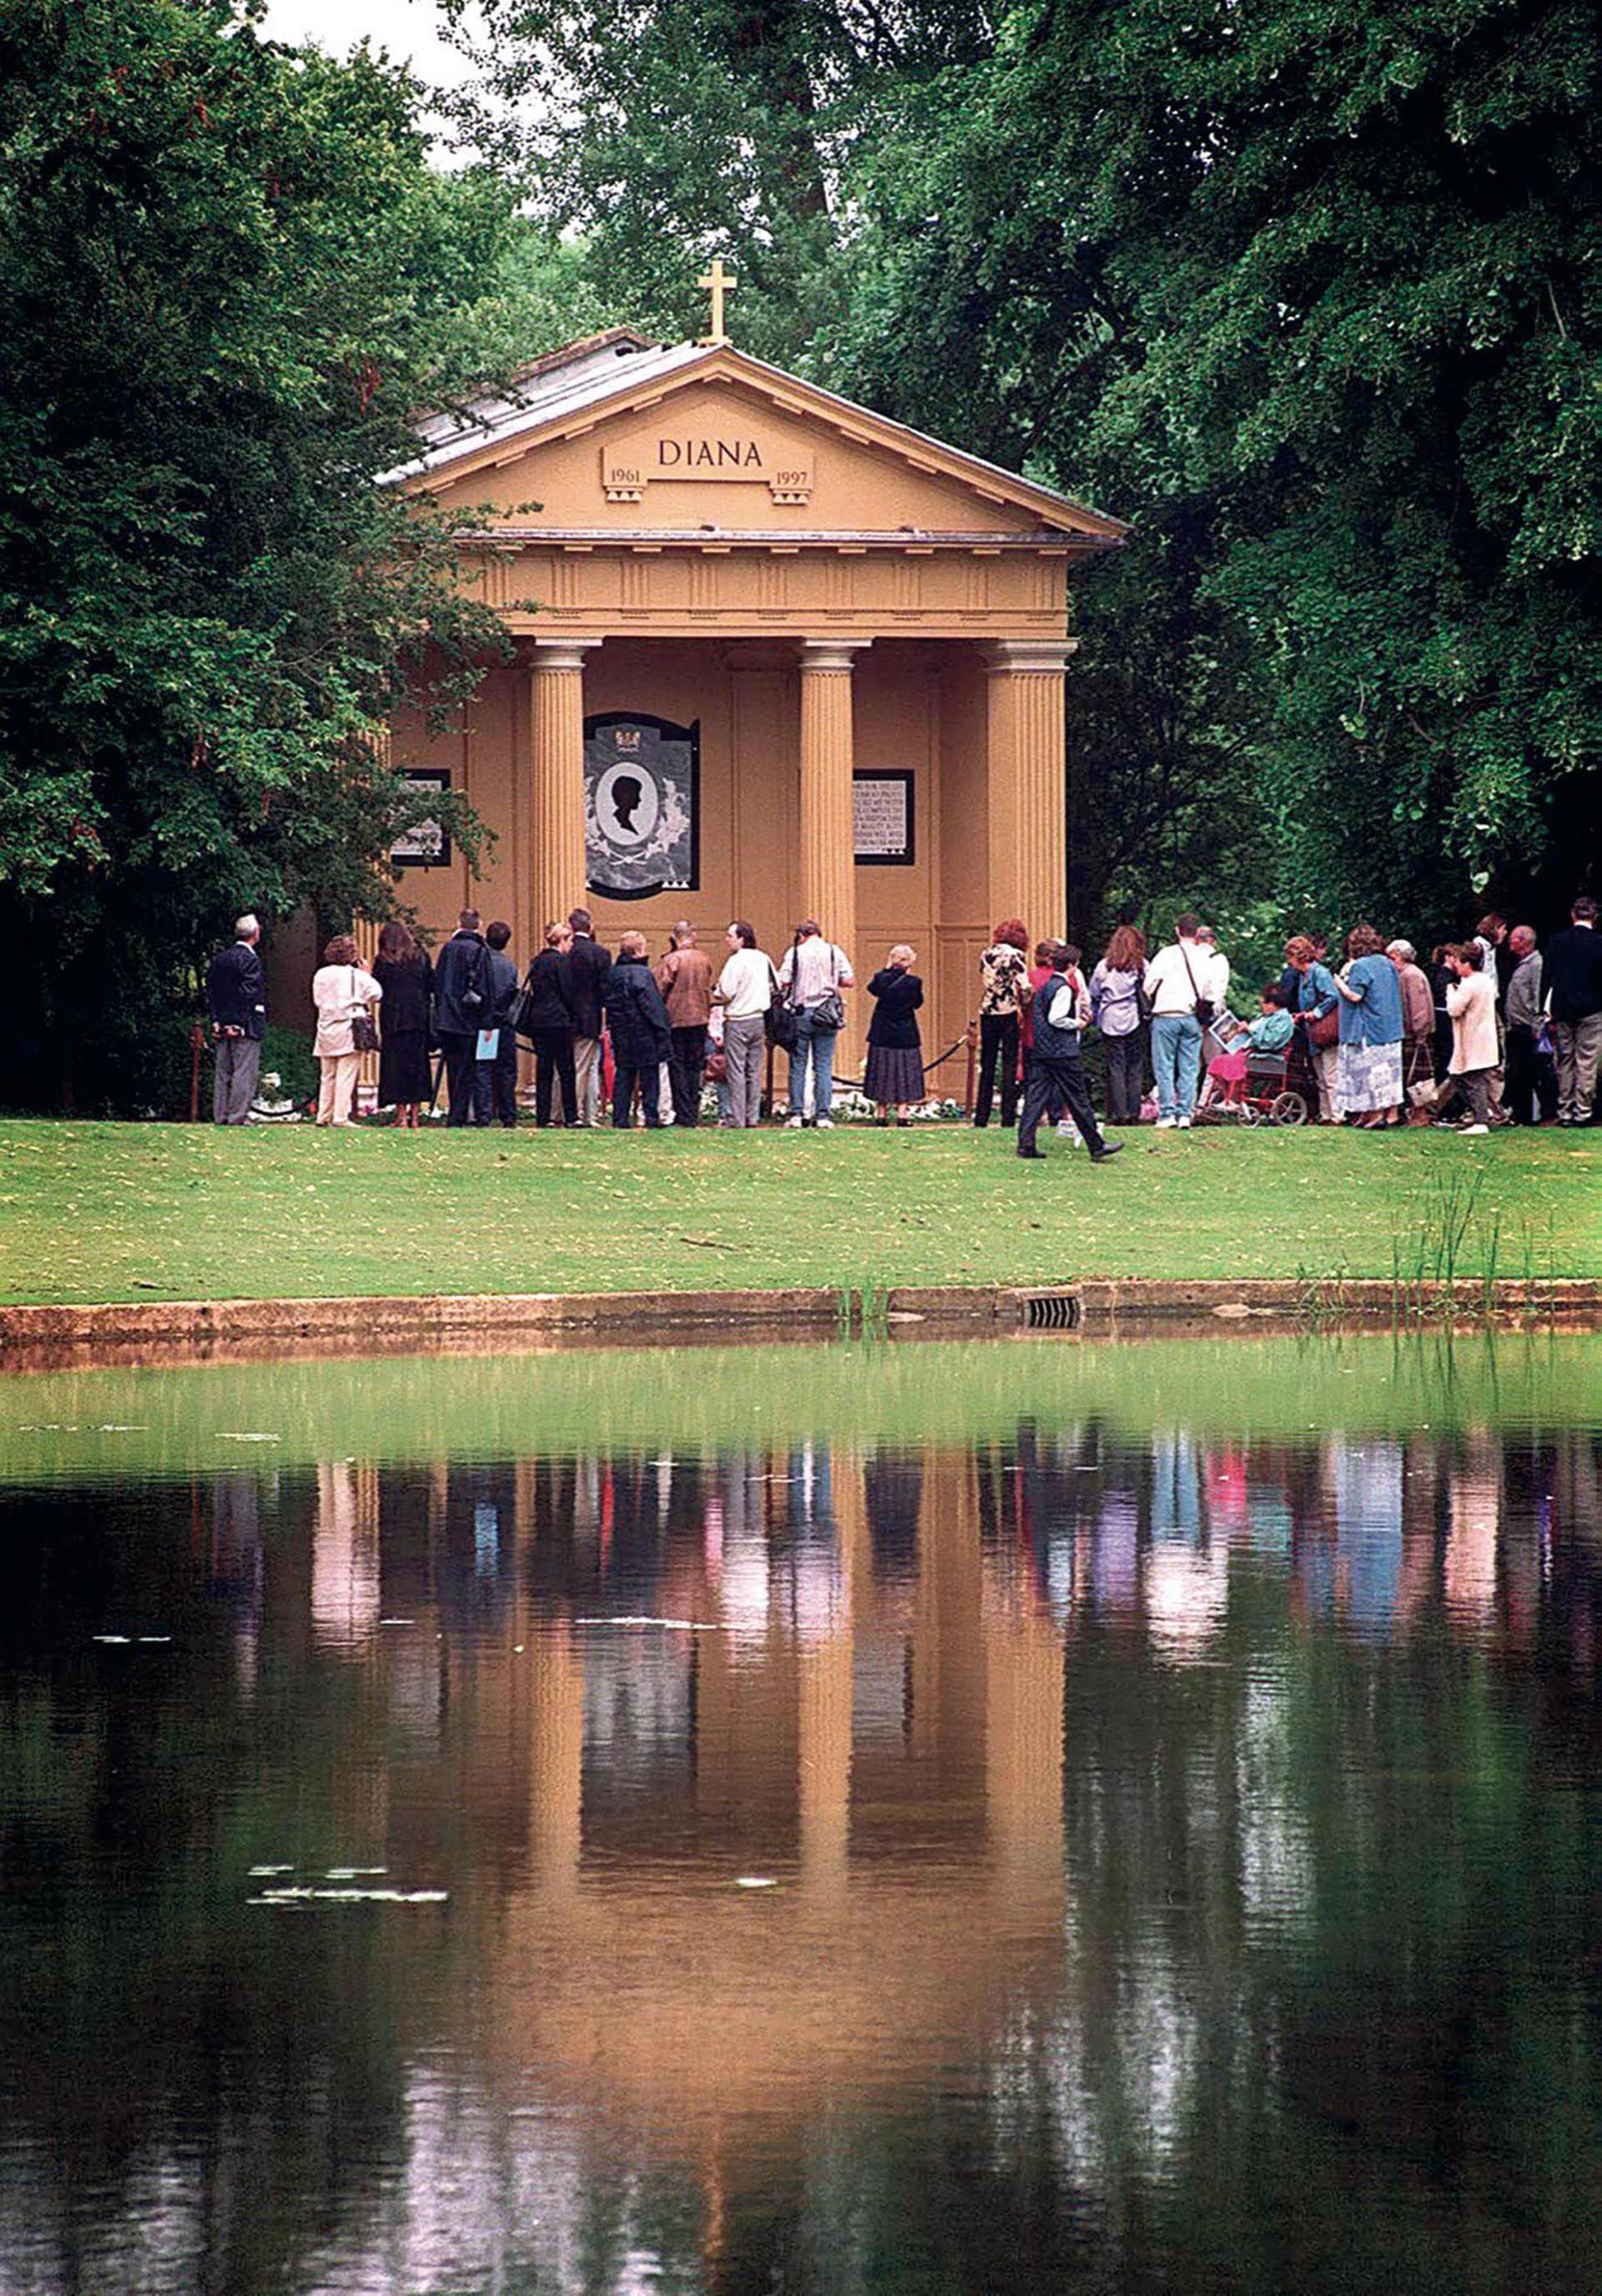 En los jardines, el tempo dedicado a Diana, donde sus admiradores podrán rendirle tributo.